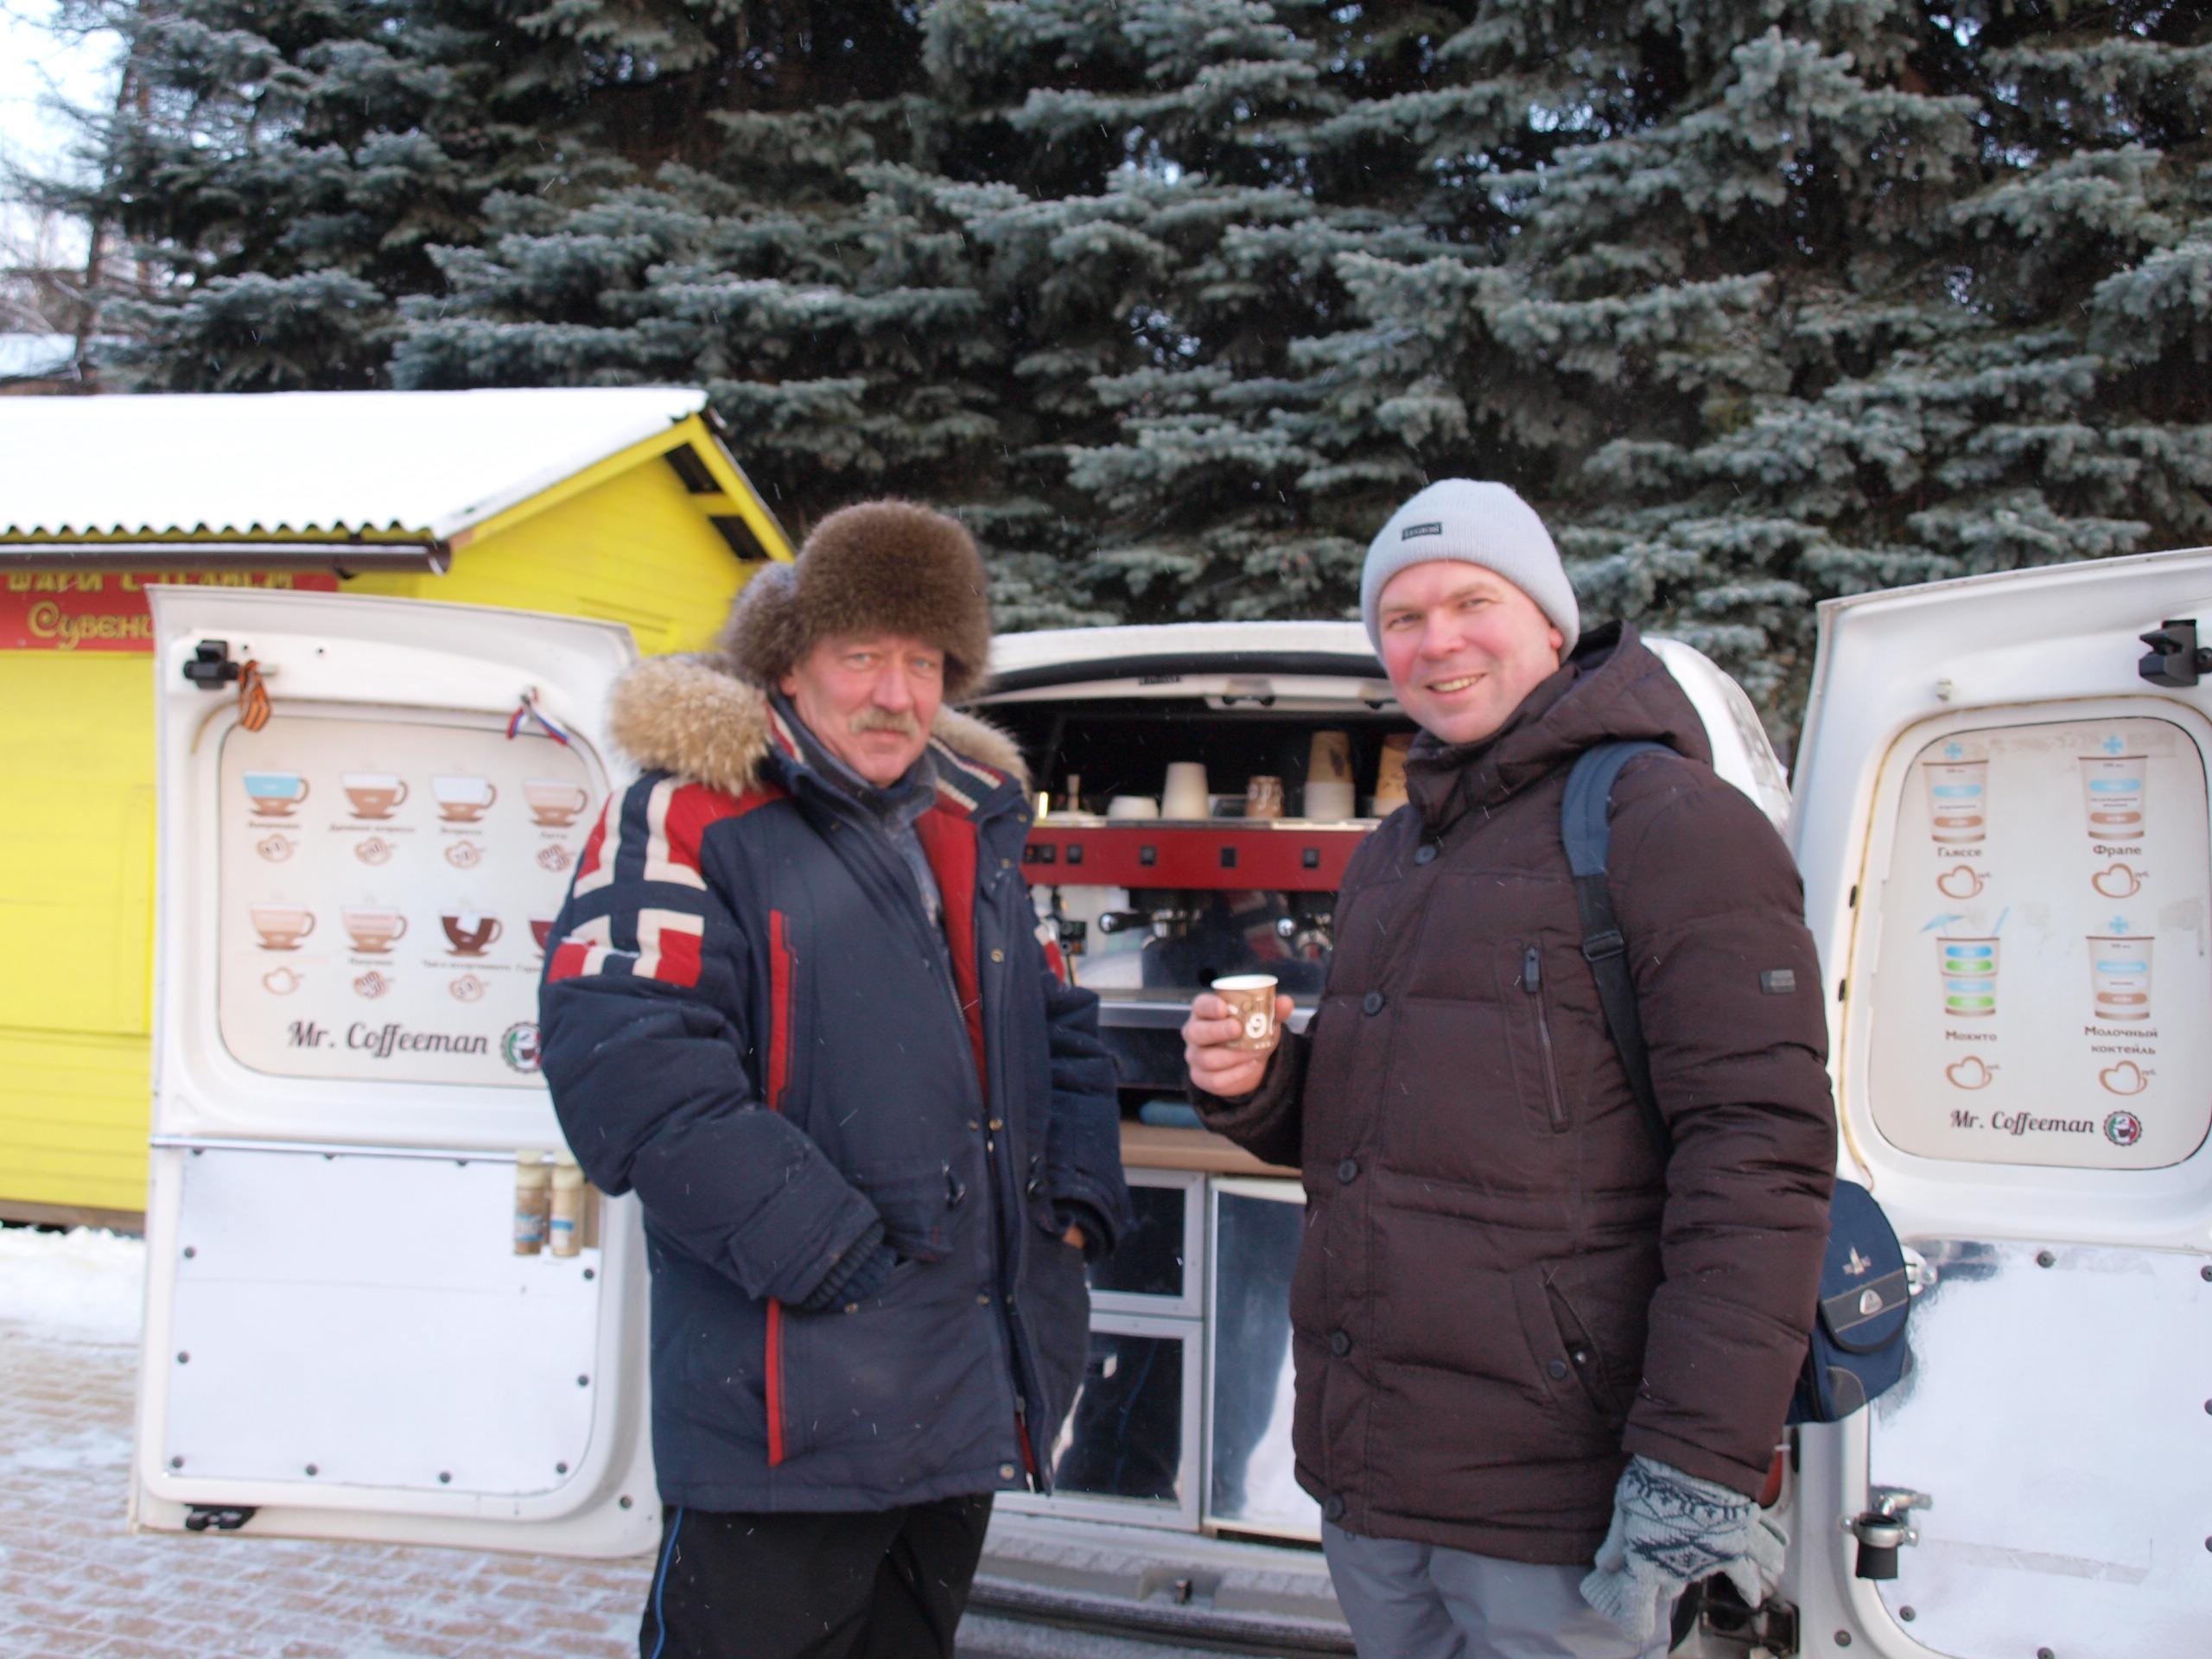 Кофе в -14 градусов по Цельсию